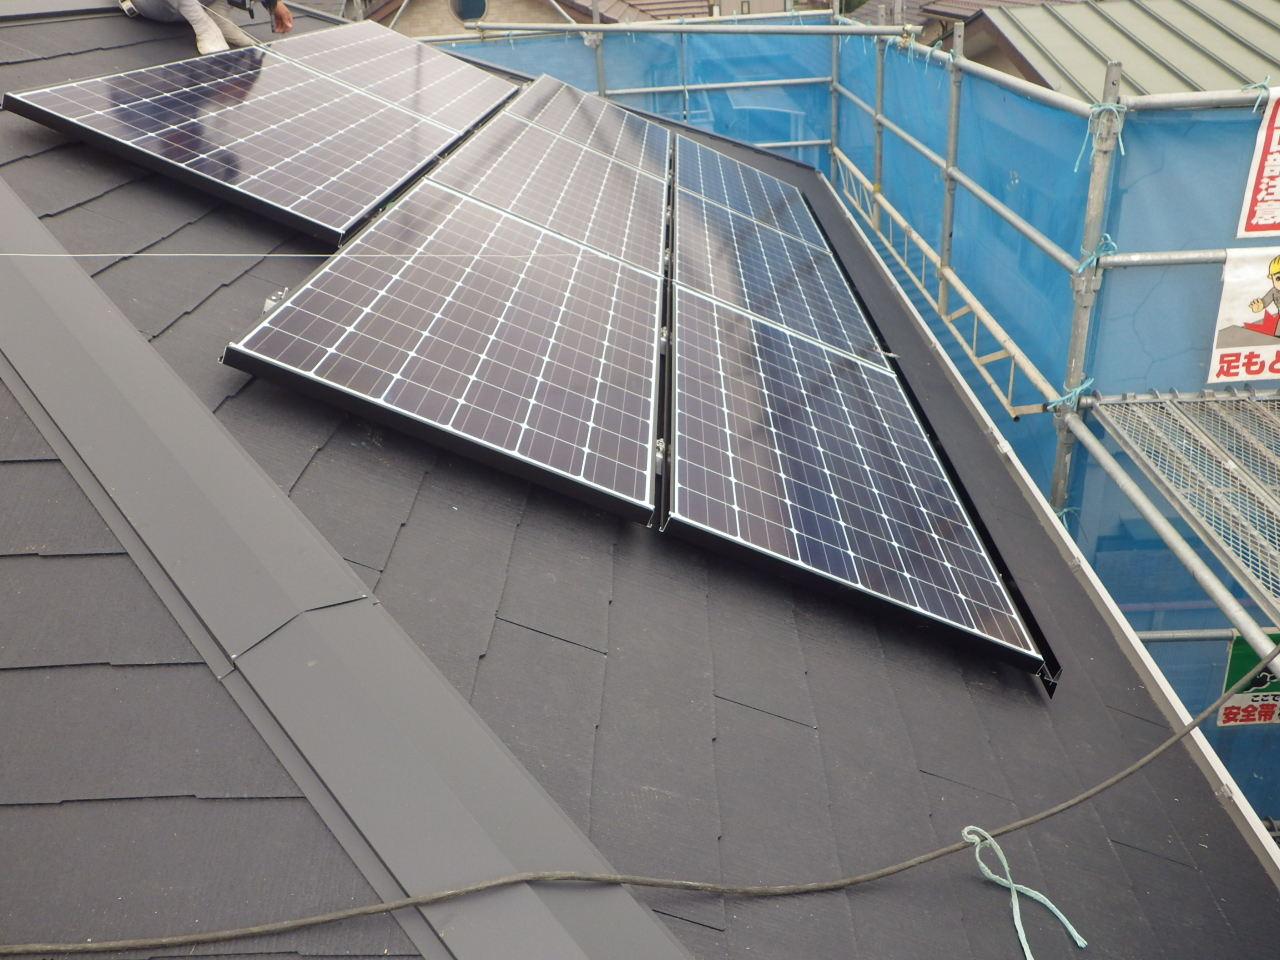 コロニアル屋根への太陽光発電システム設置工事を行いました。in那須塩原市